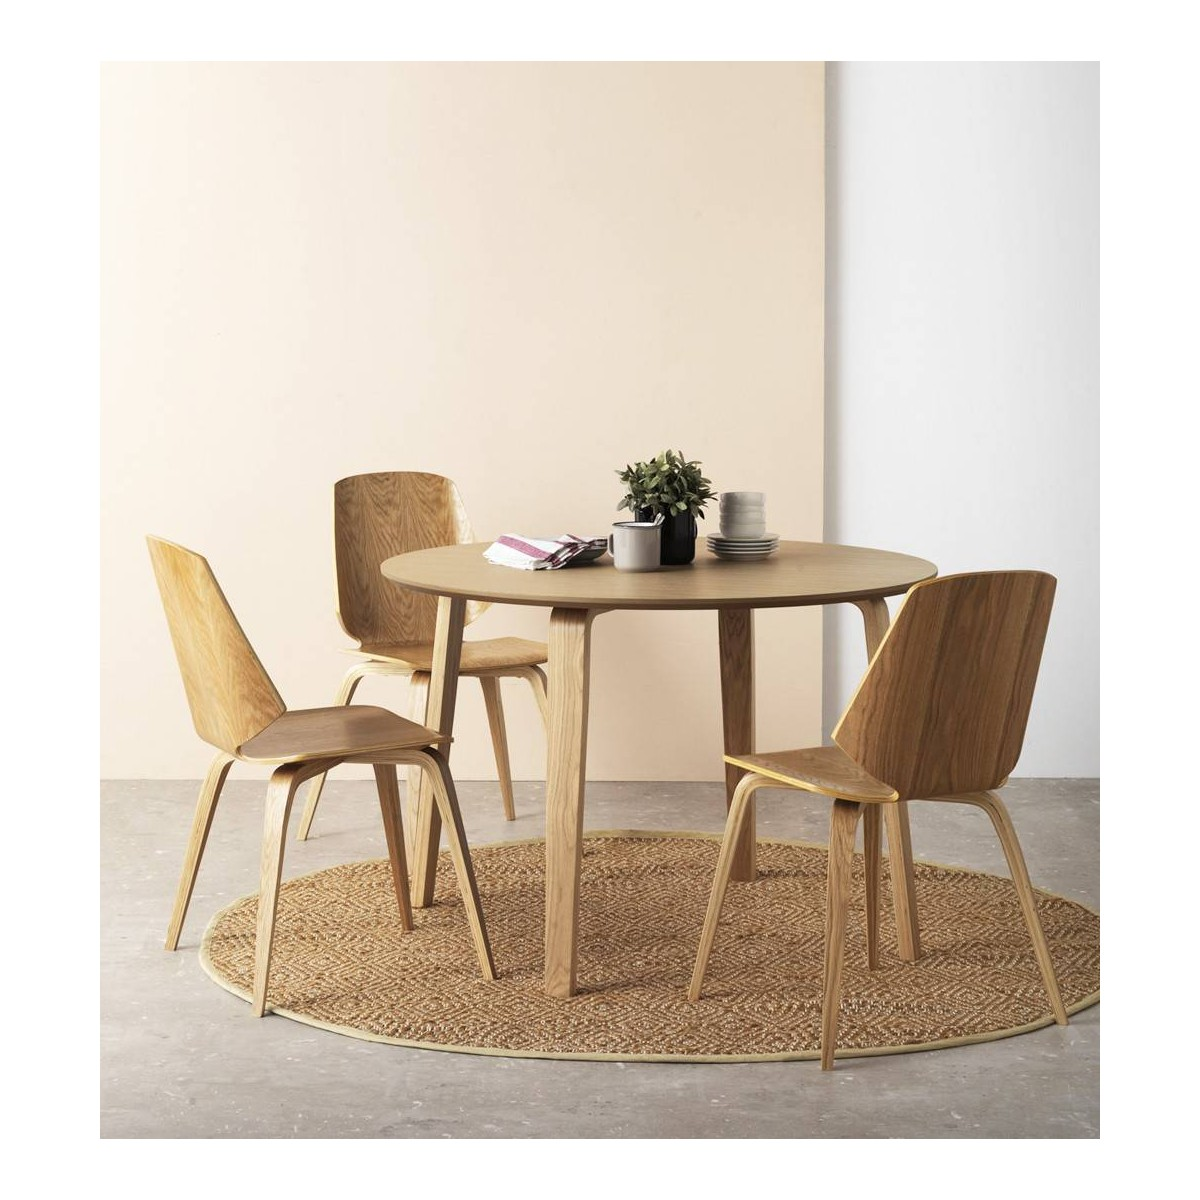 Mesa redonda comedor madera roble finland modelo 3 for Mesa redonda madera